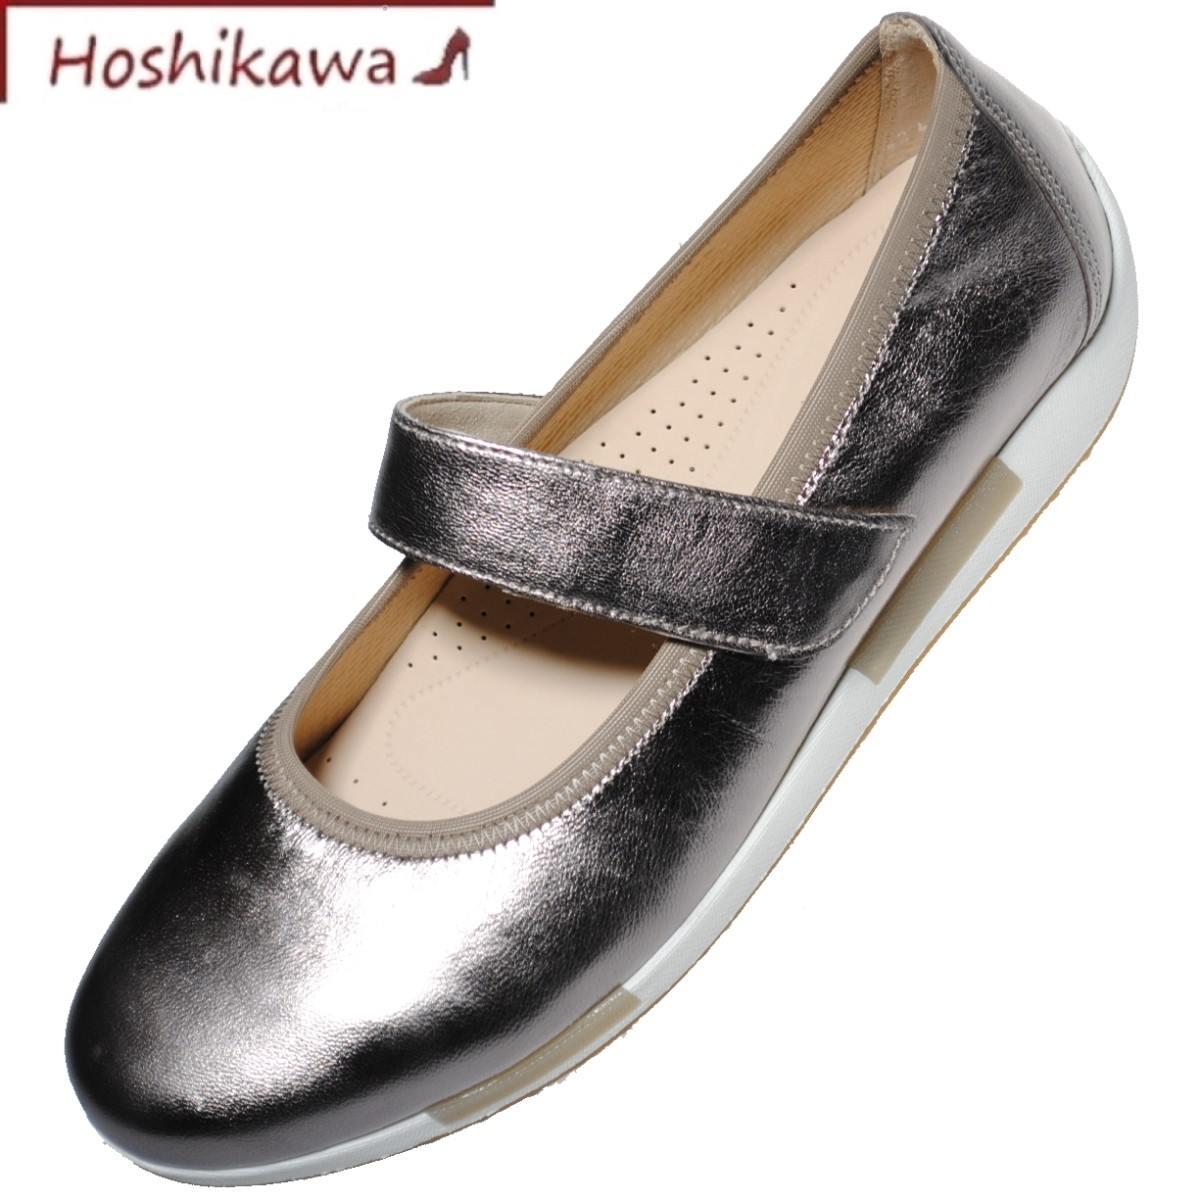 【靴のHOSHIKAWA】 『Gabor 』22.5cm~25.5cm EEE